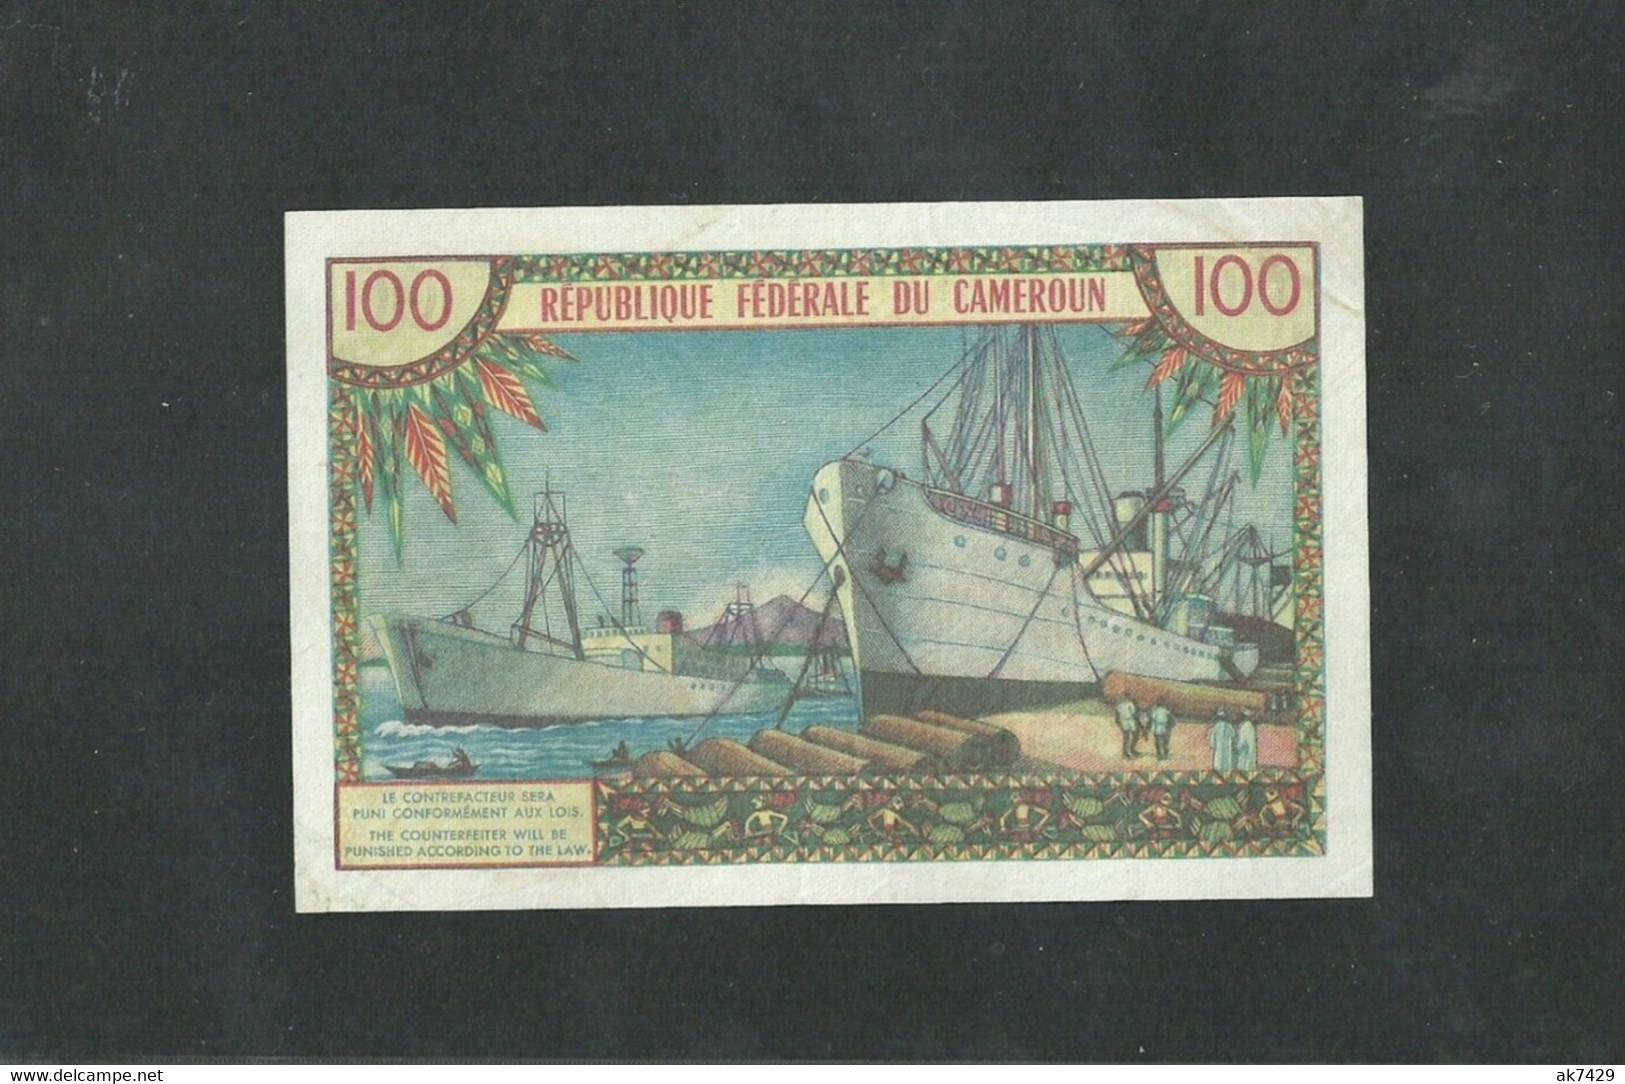 CAMEROON CAMEROUN 100 FRANCS ND (1962) PICK #10 VF++ RARE - Camerun